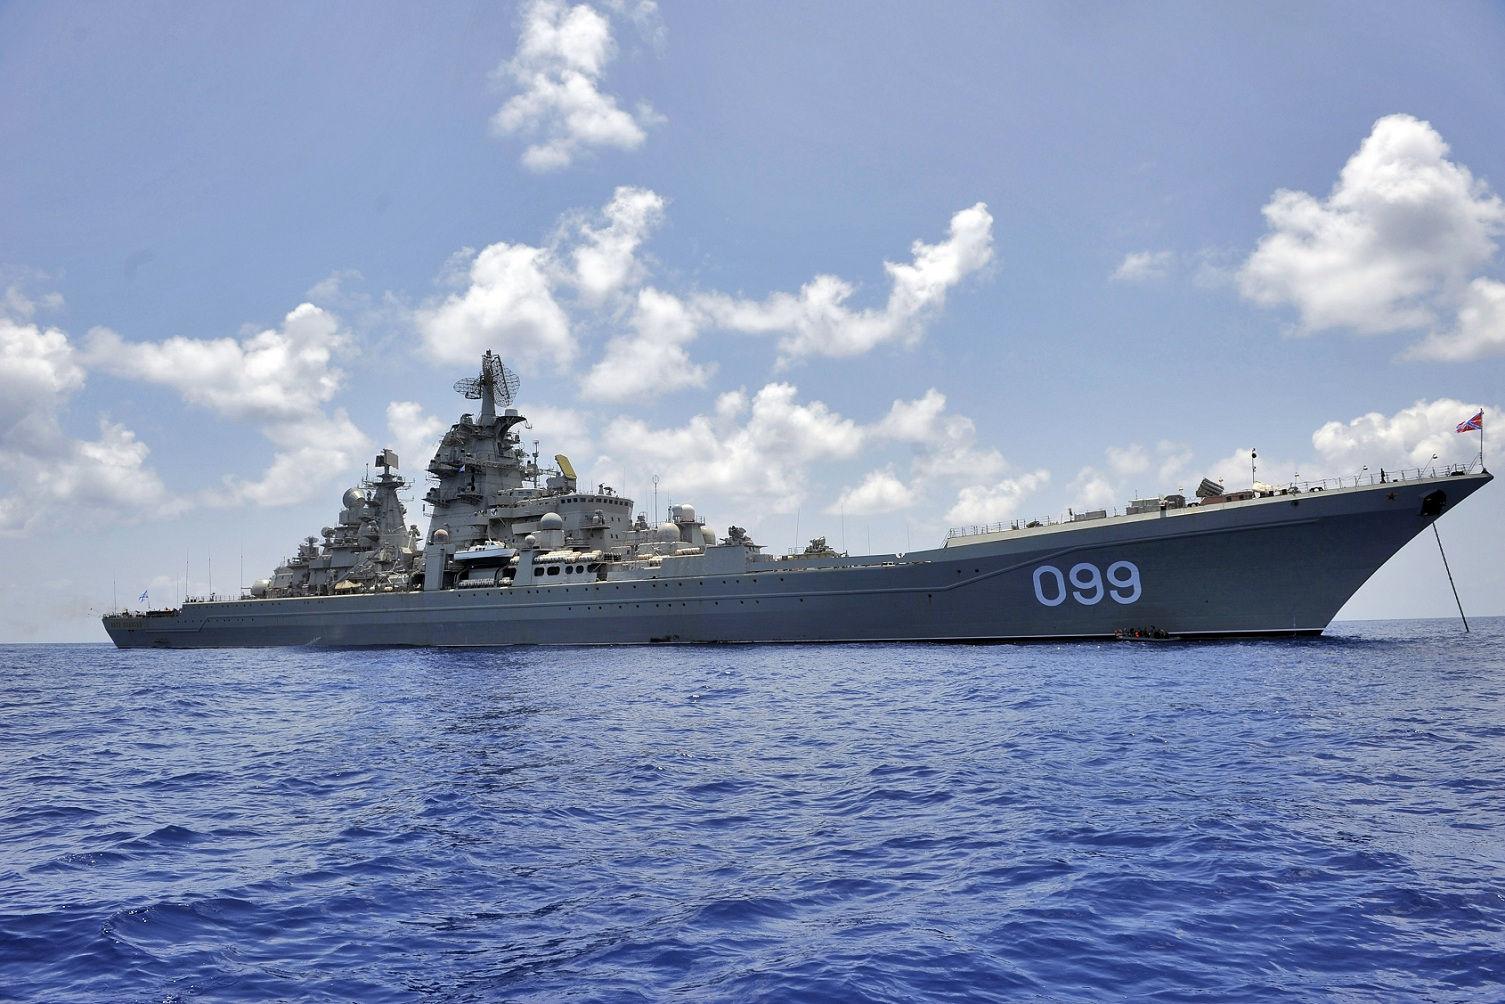 重原子力ロケット巡洋艦ピョートル・ヴェリキーは15歳になった - N.G. ...